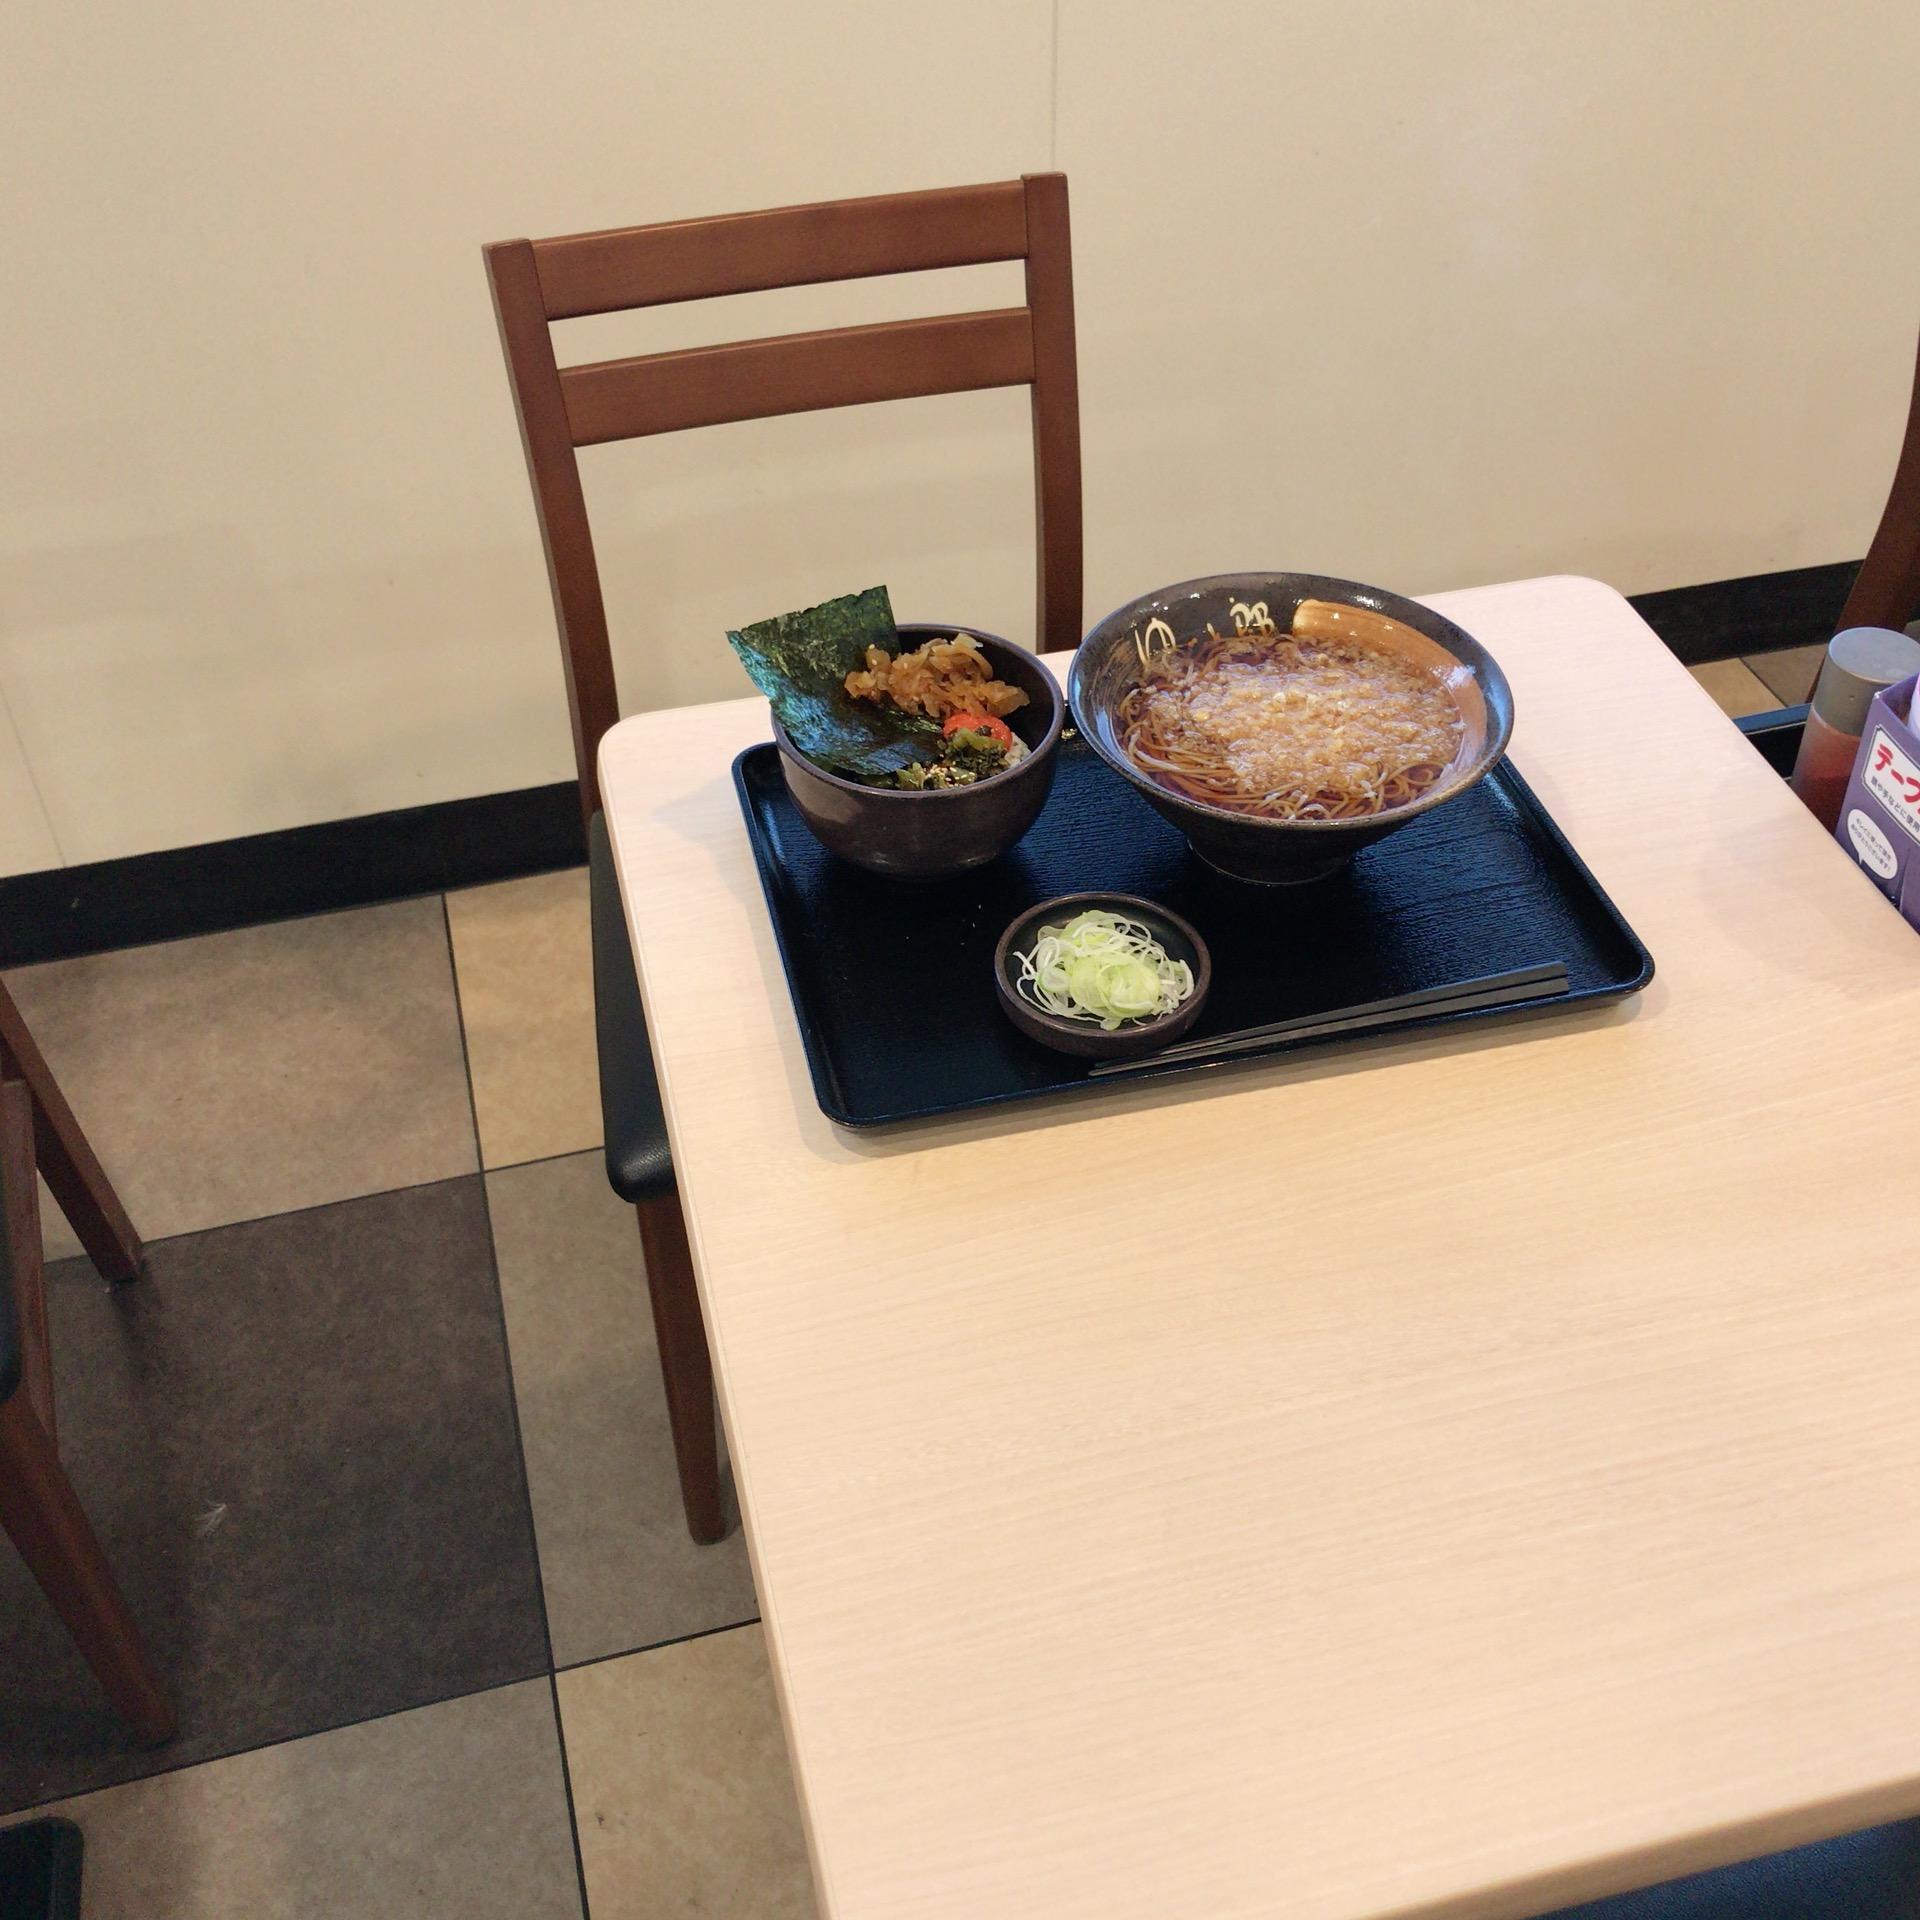 テーブルの上に蕎麦のセットが乗っている